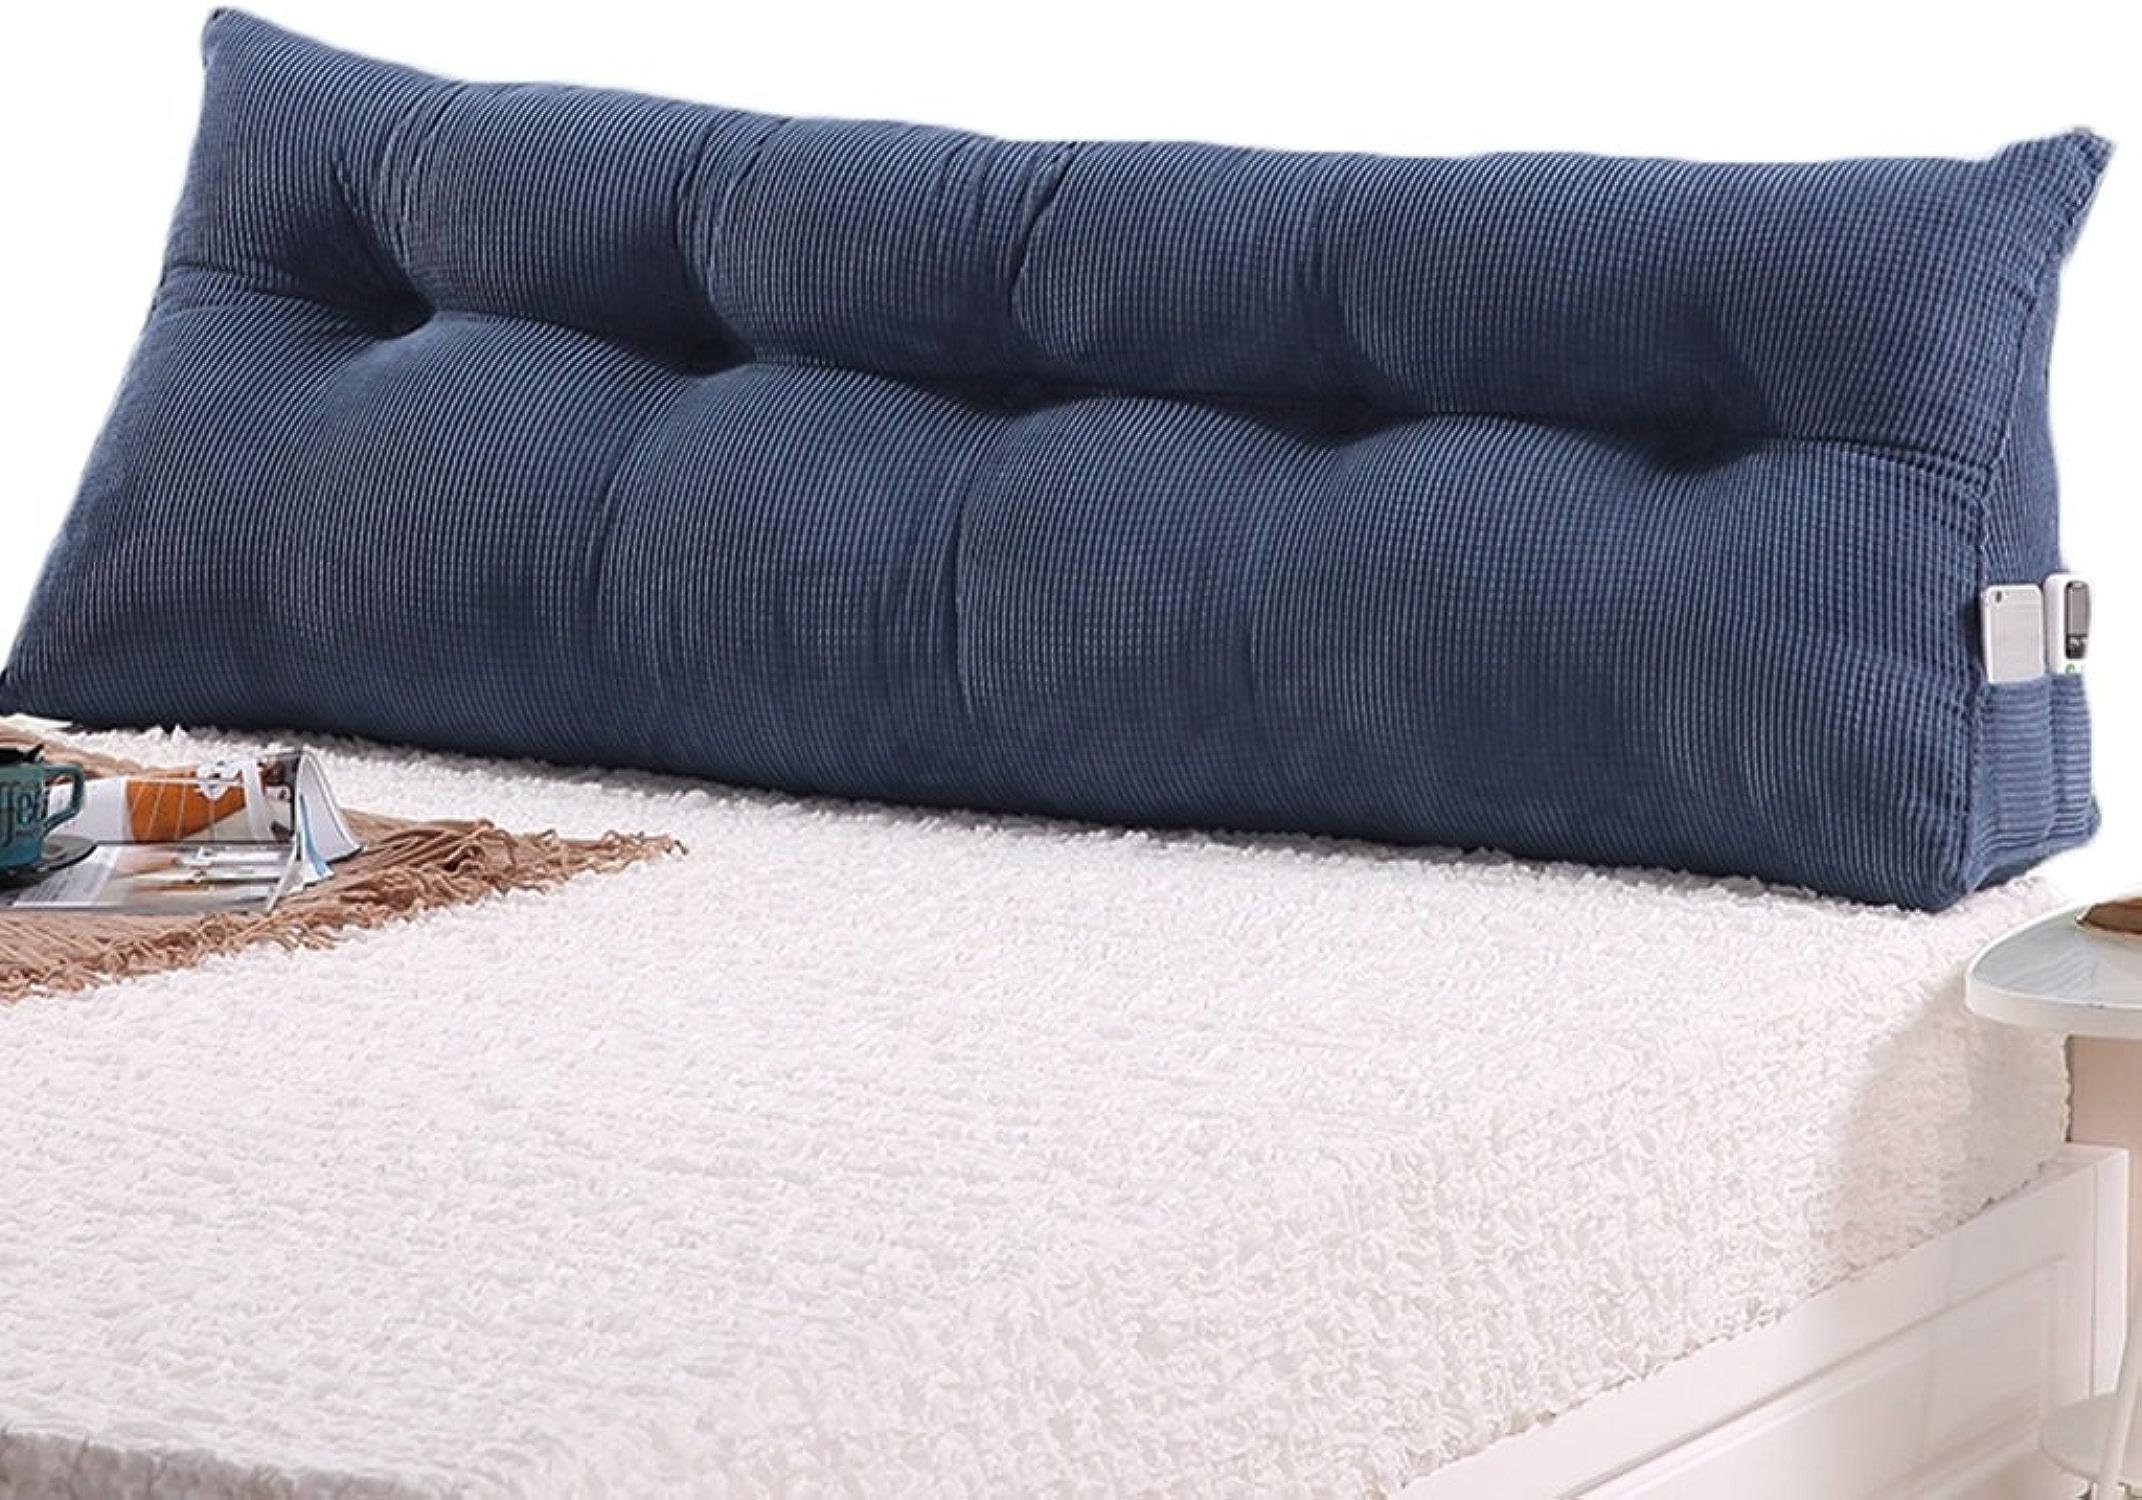 GYP Coussin de coussin à oreille à oreille Coussin de chevet étui à double épaisseur Coulé à oreiller double Coussin à oreiller double Coussin de taille lavable Coussin de taille lavable Coussin de couette acheter ( Couleur   Bleu , taille   1205022CM )